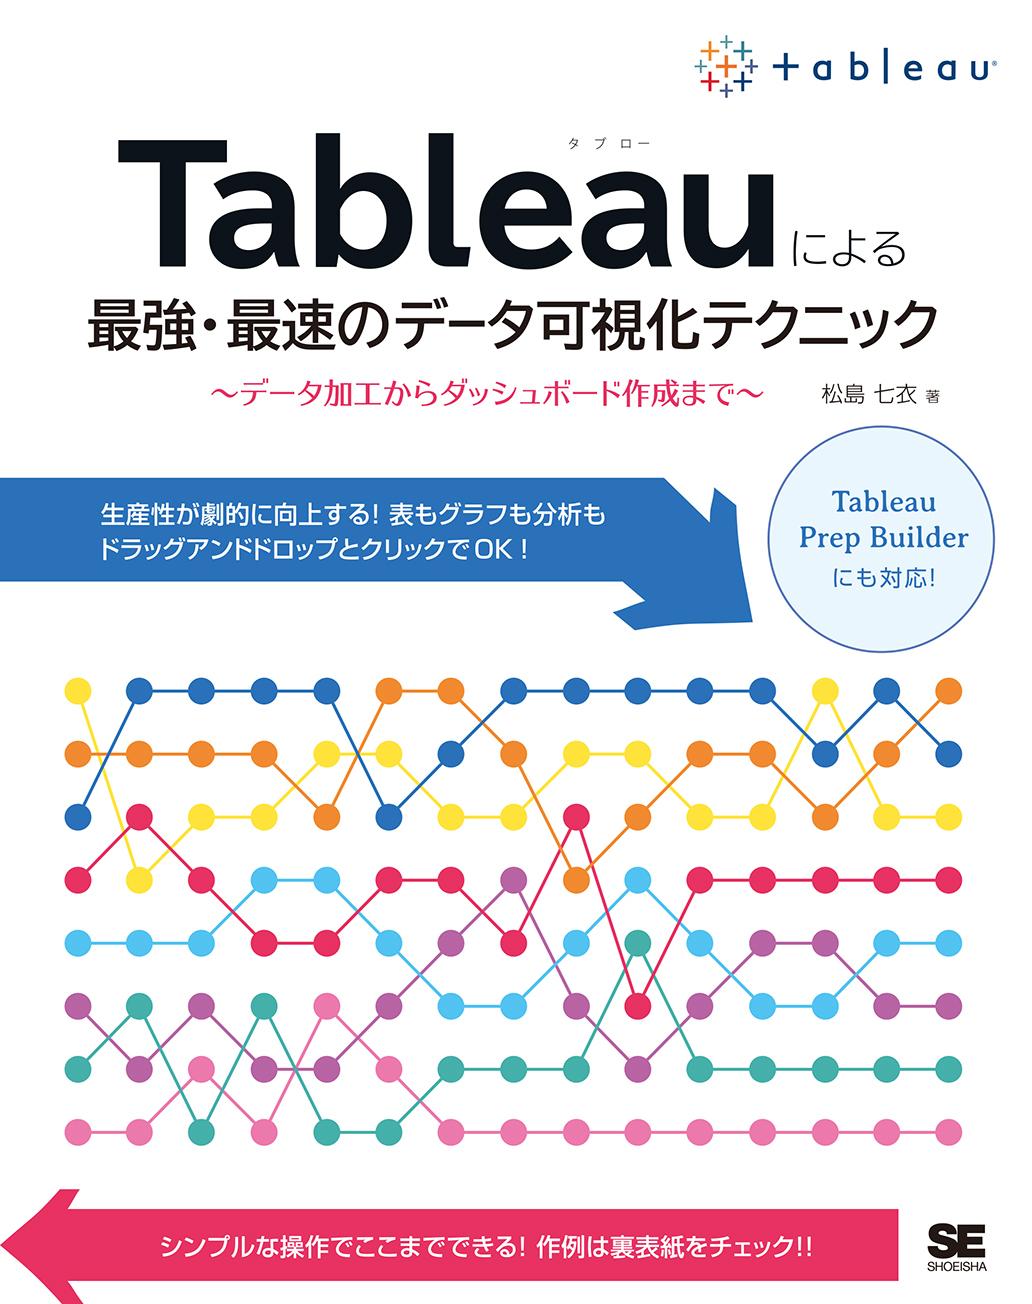 Tableauによる最強・最速のデータ可視化テクニック ~データ加工からダッシュボード作成まで~(翔泳社)